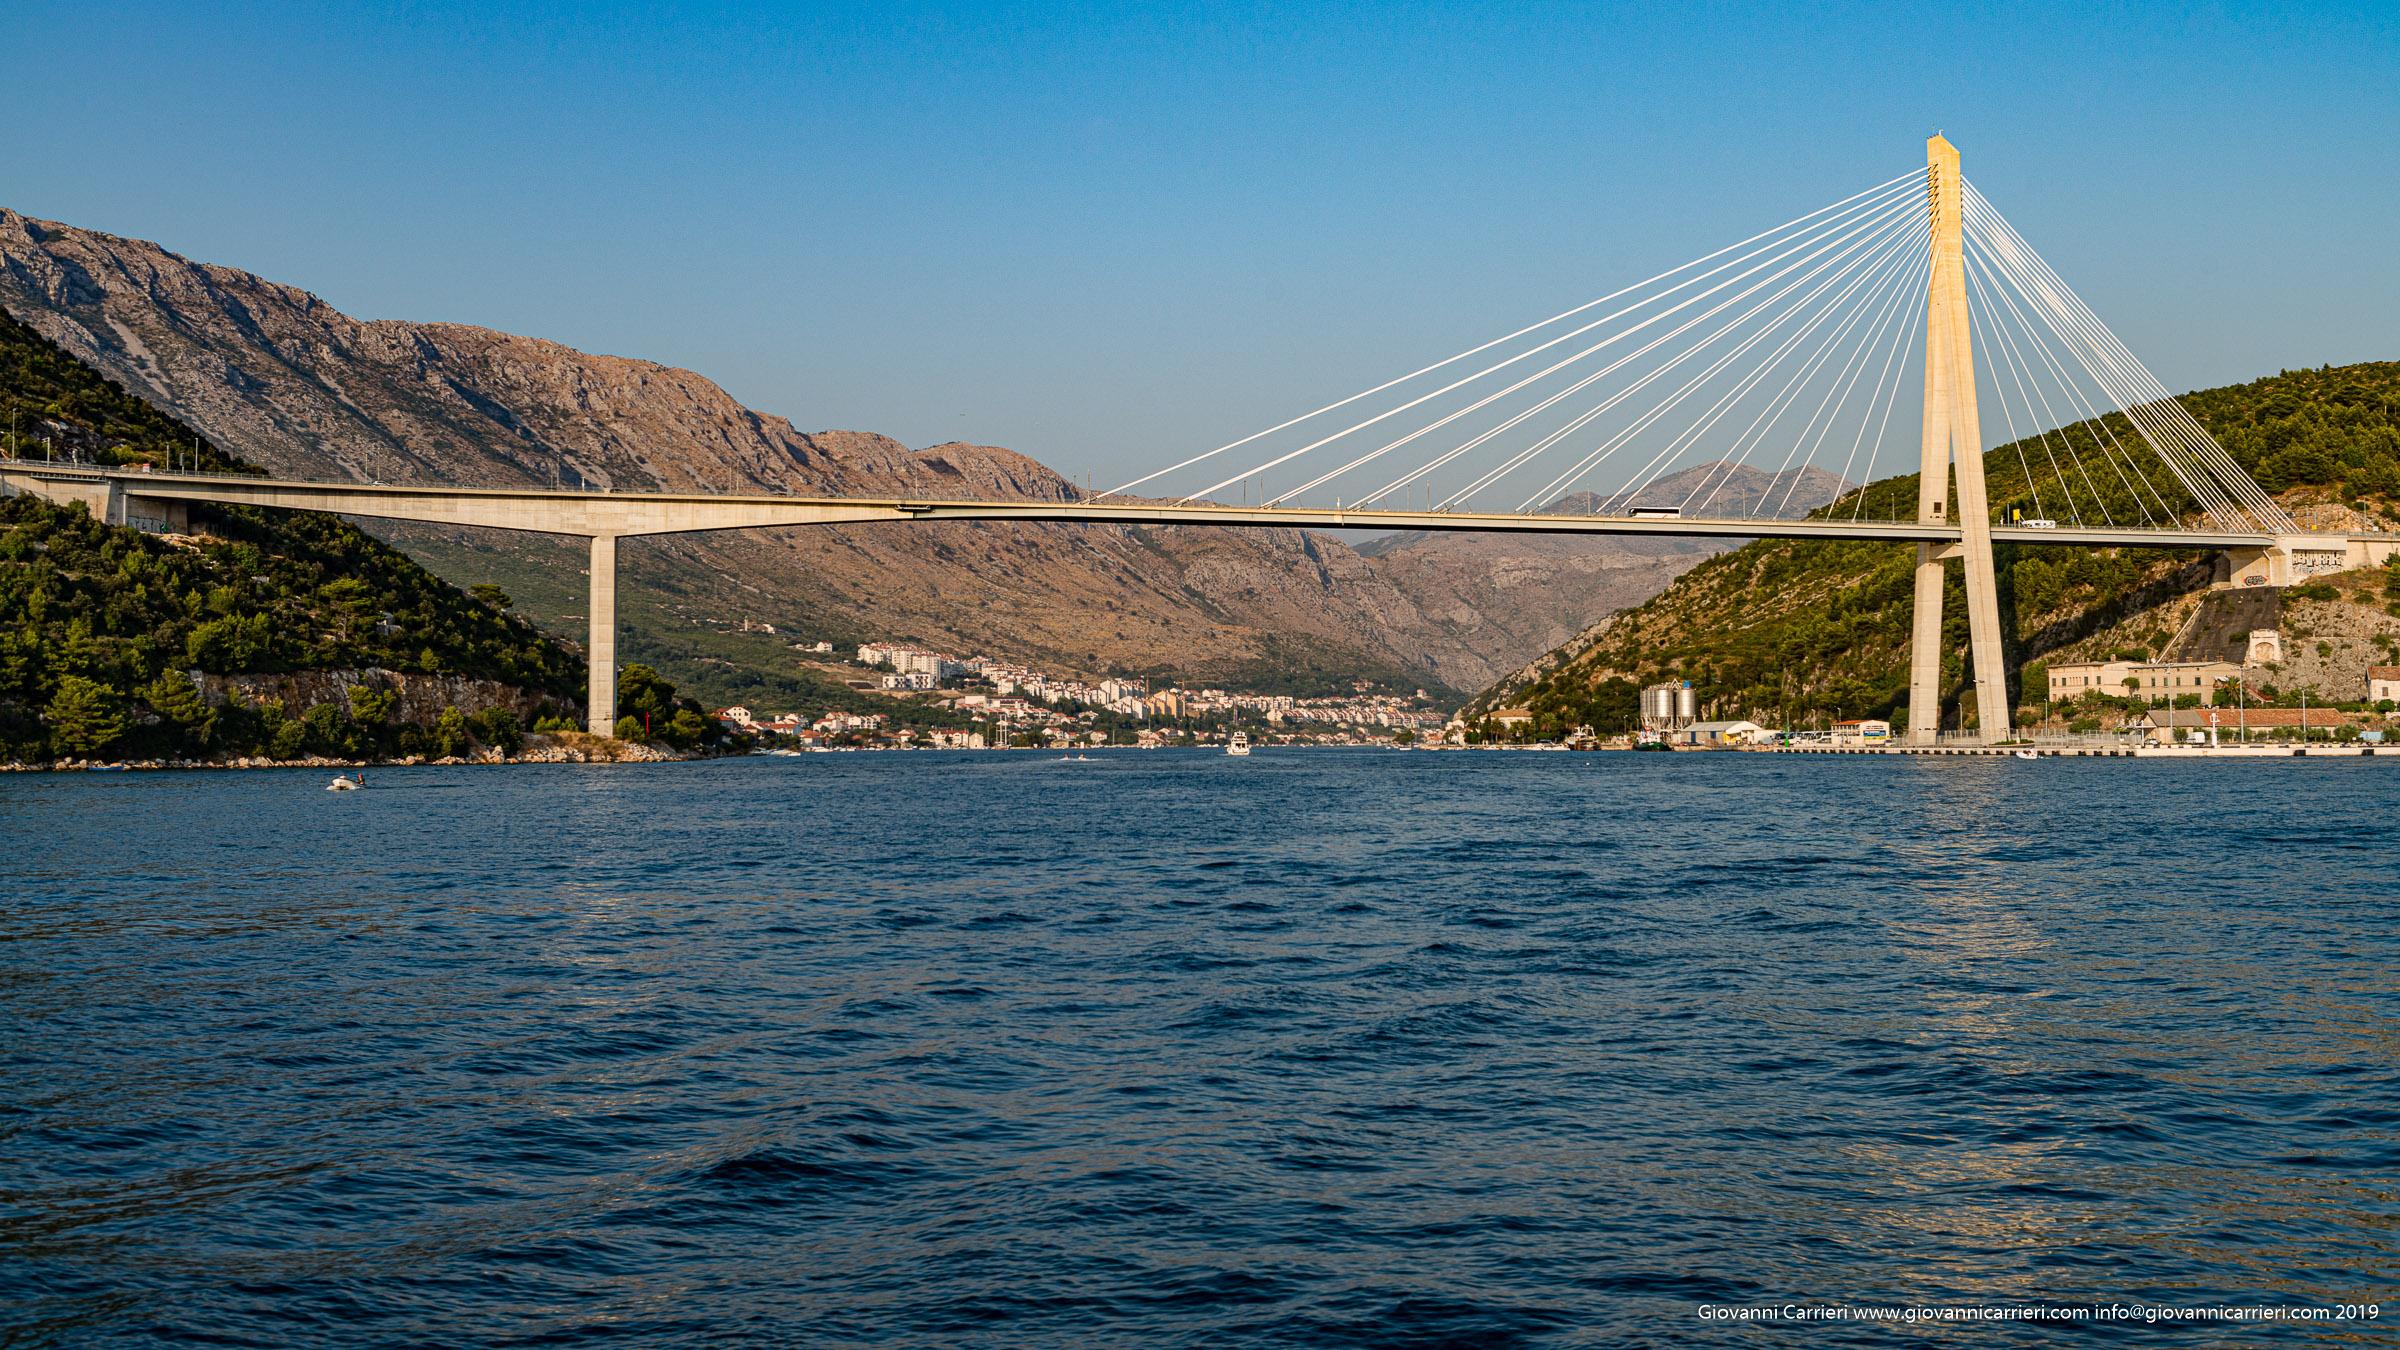 Il ponte Franco Tudjman dal mare - Dubrovnik